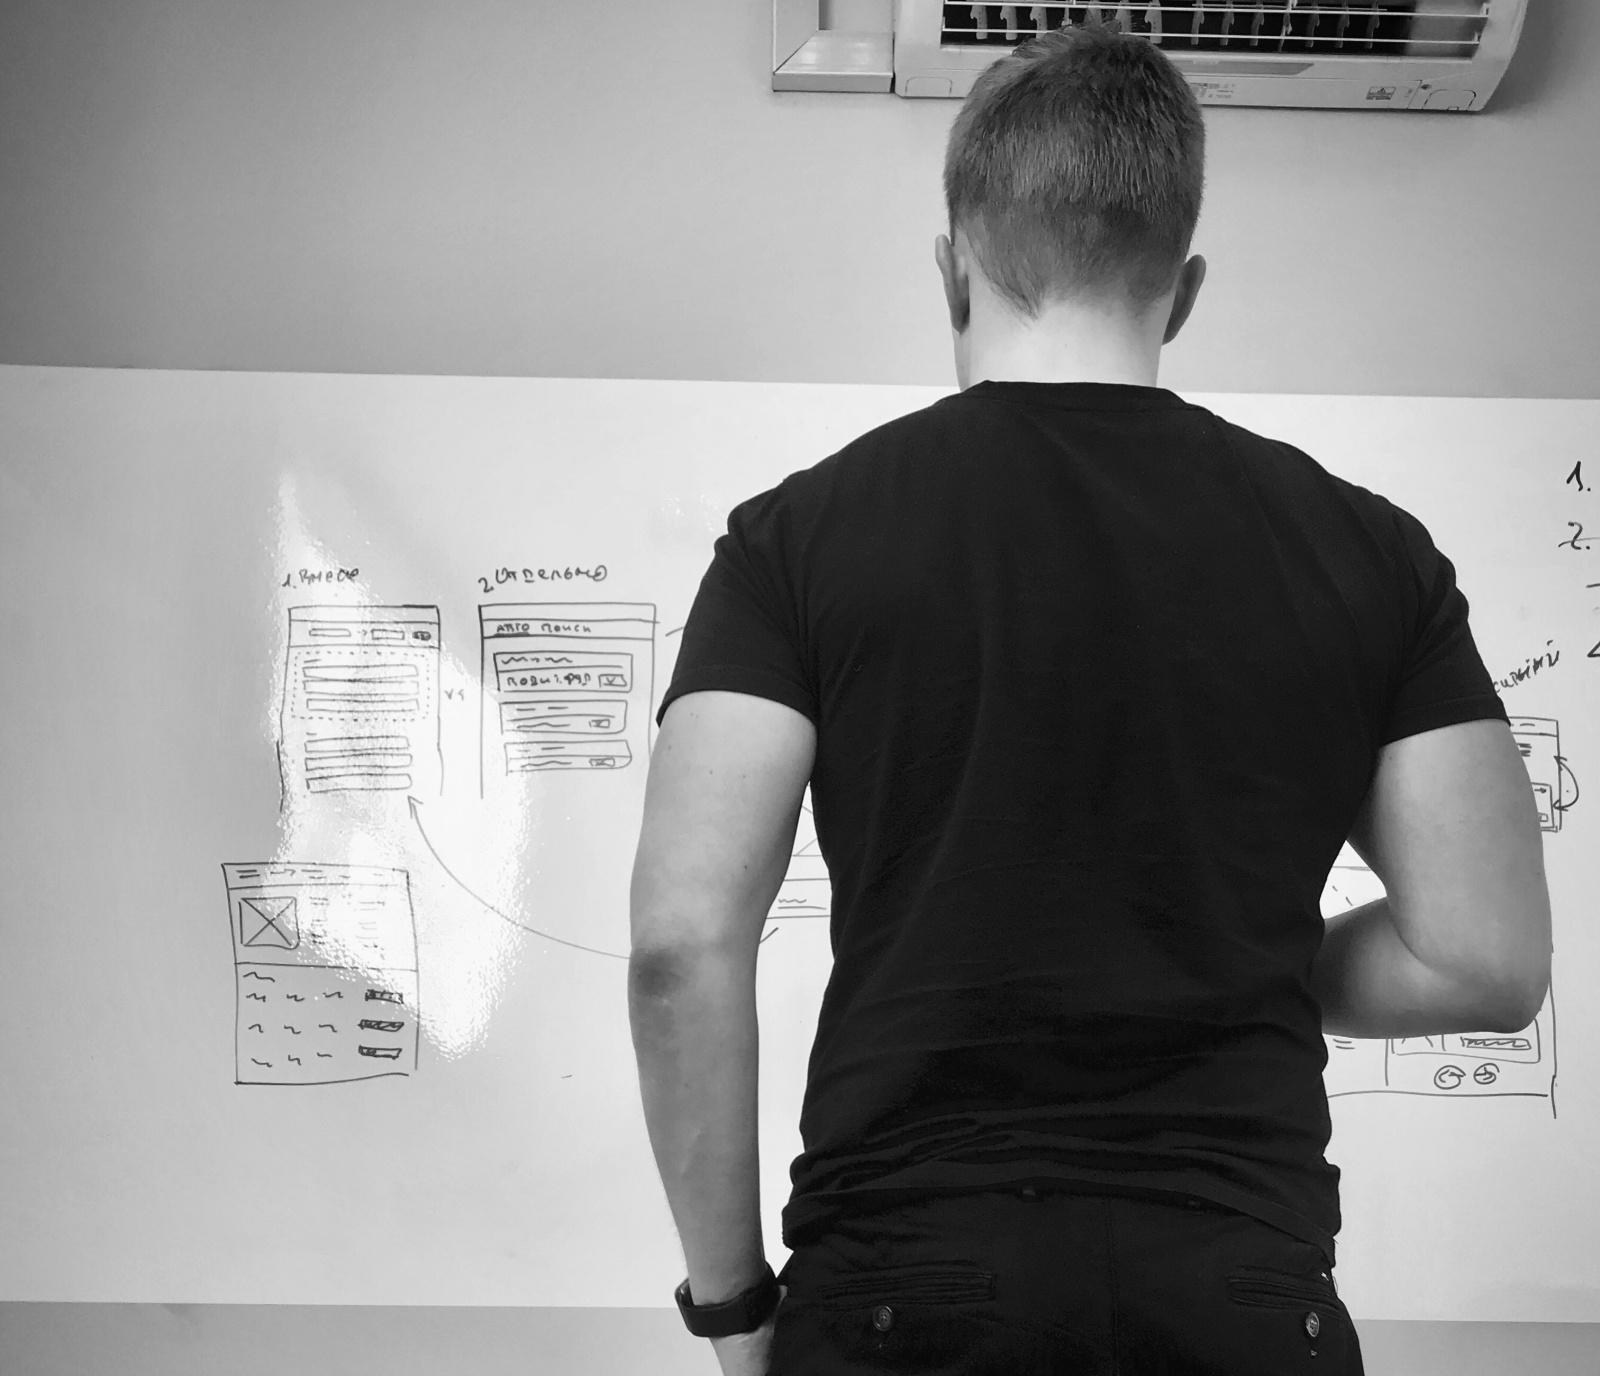 7 навыков эффективных дизайнеров. Мощные инструменты развития в профессии - 1